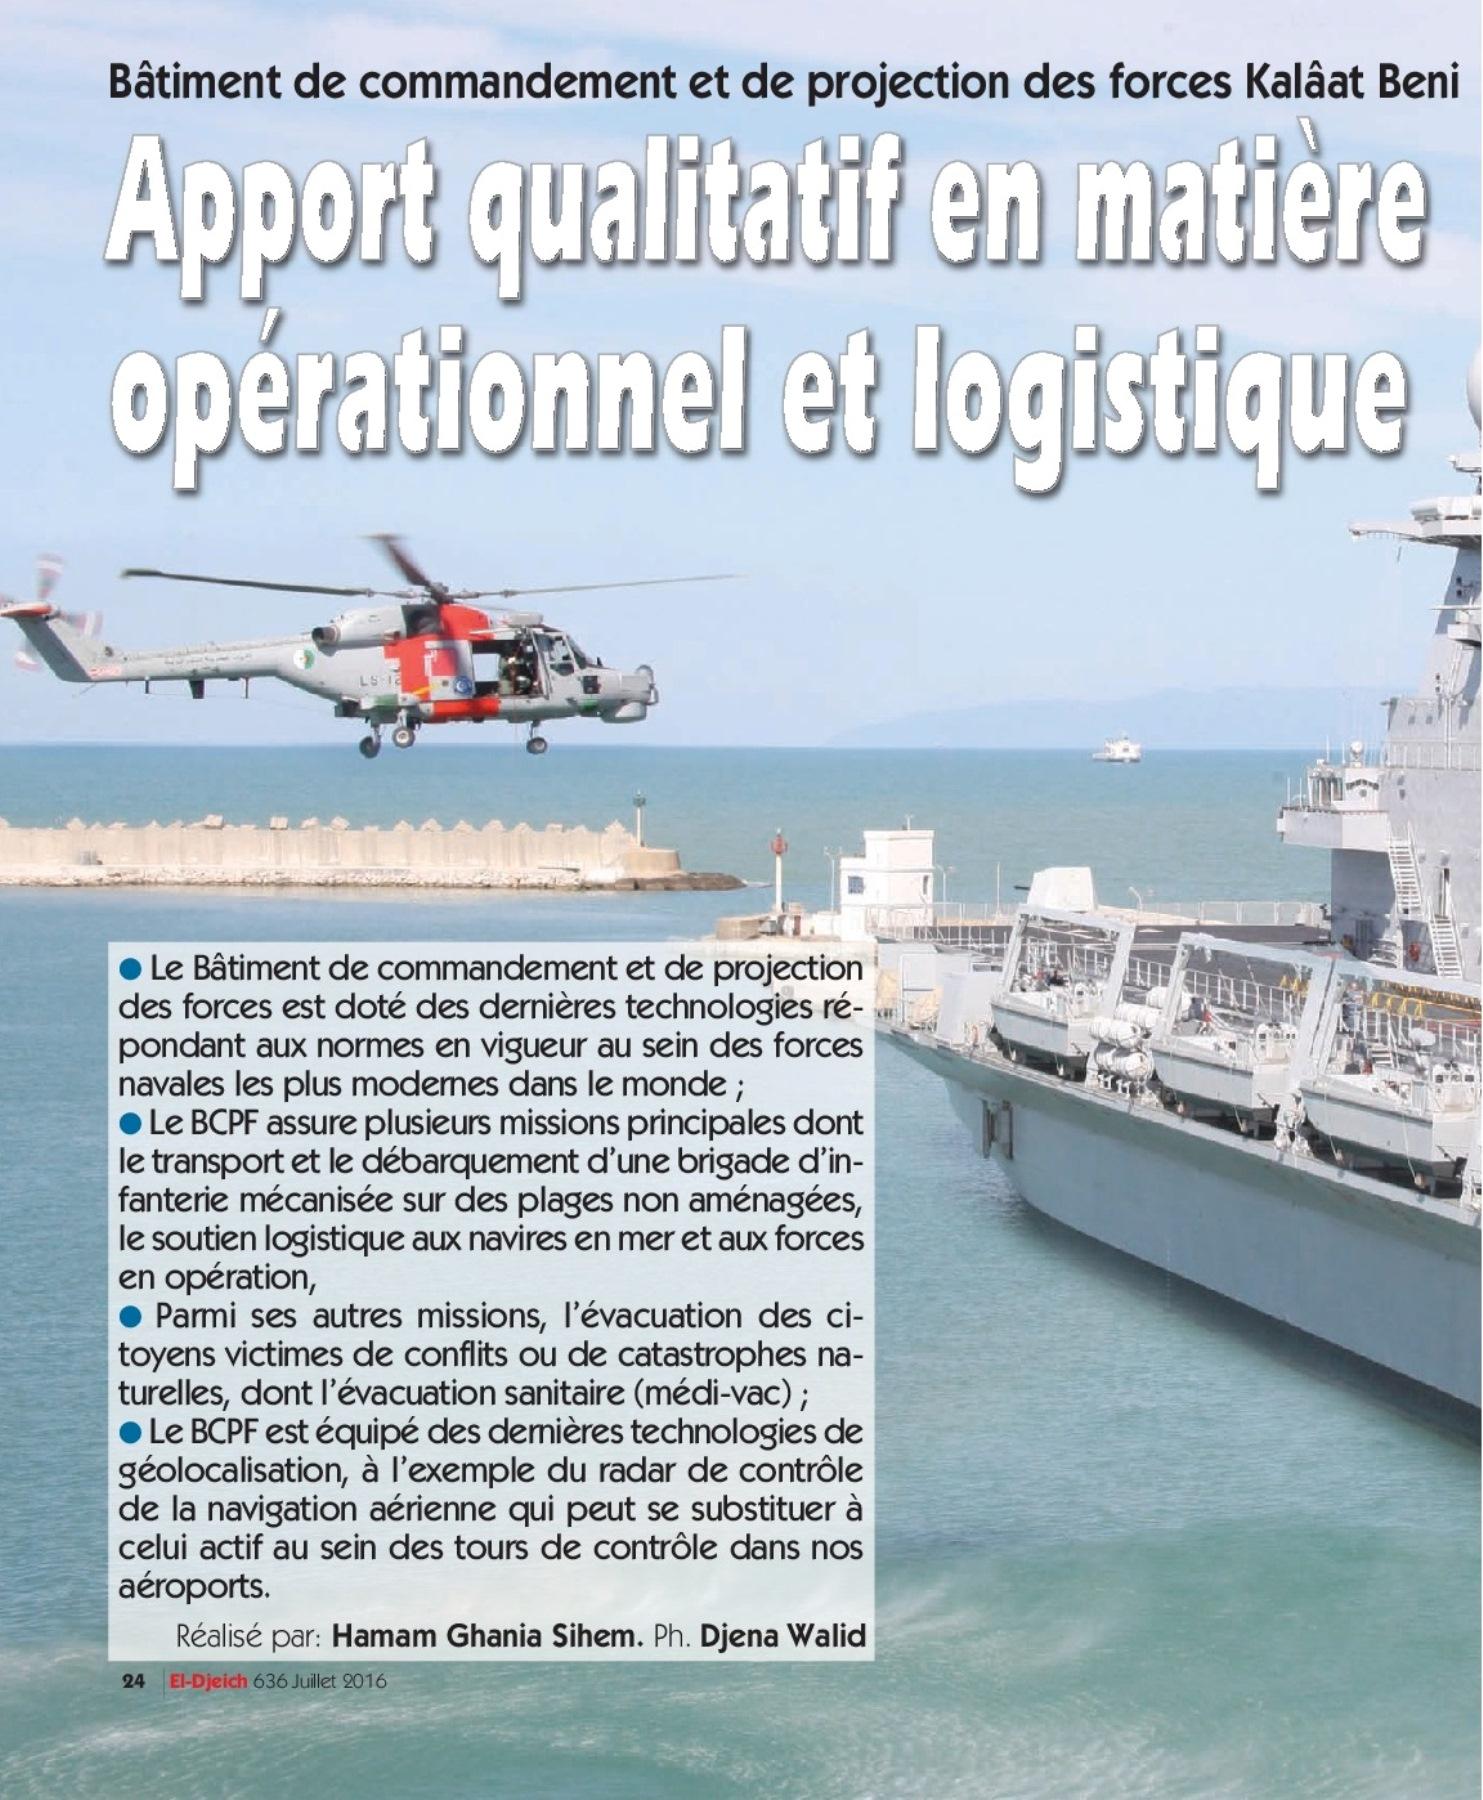 Armée Algérienne (ANP) - Tome XIV - Page 37 27736950123_b8365d50f5_o